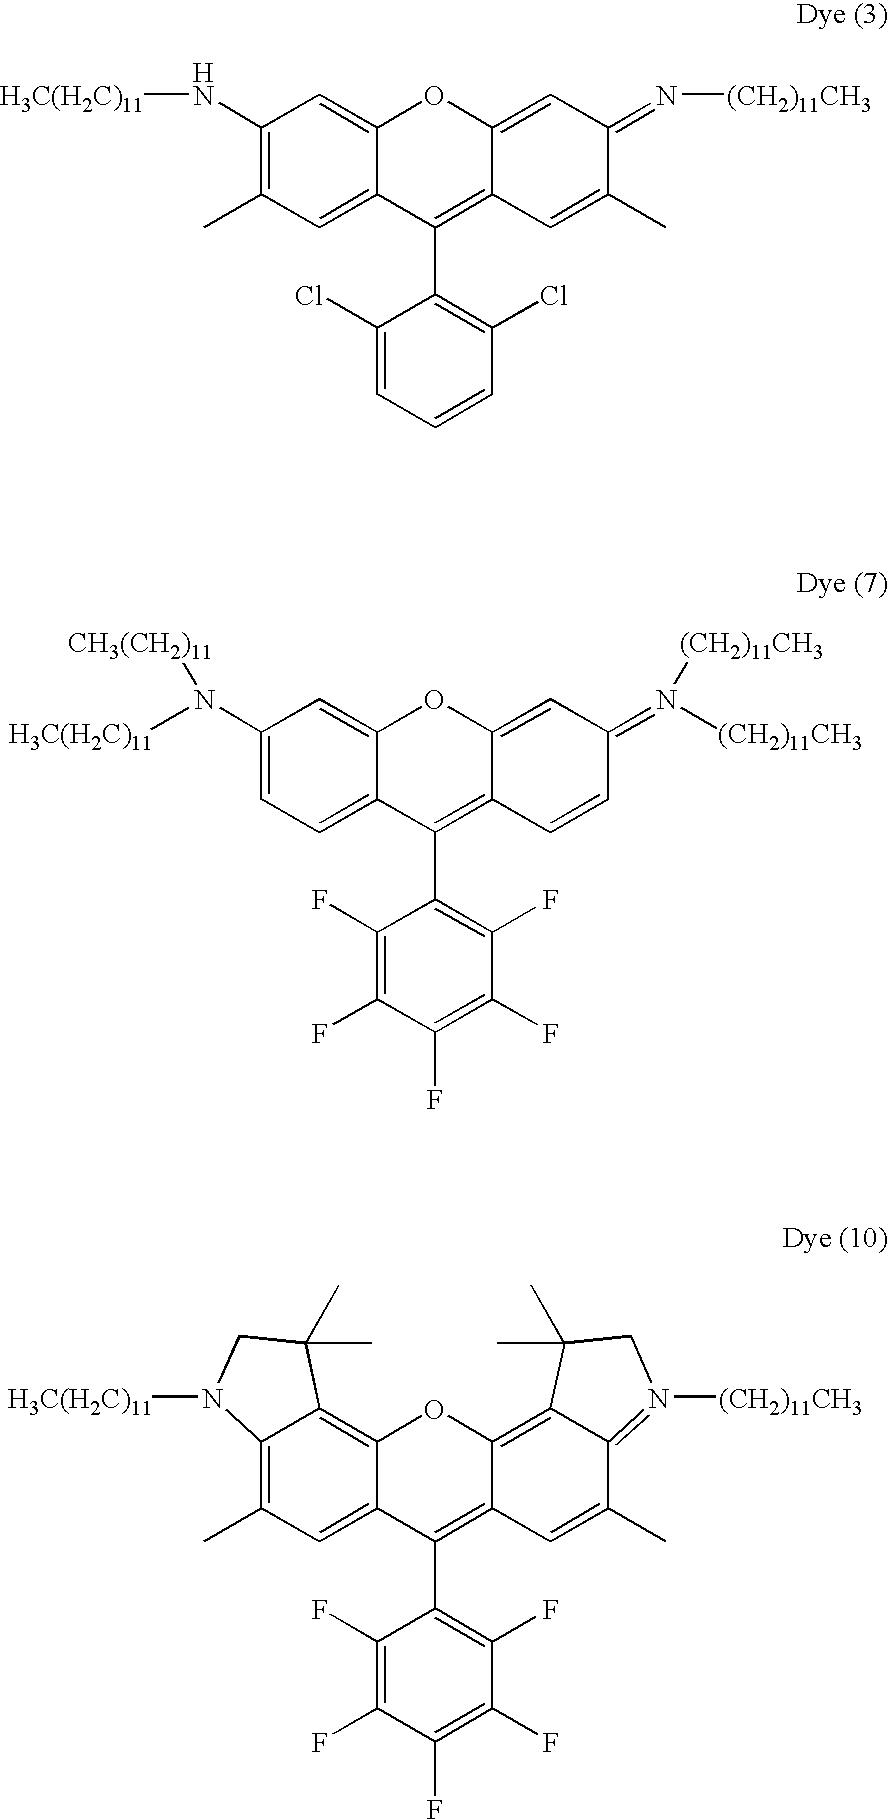 Figure US07491830-20090217-C00012